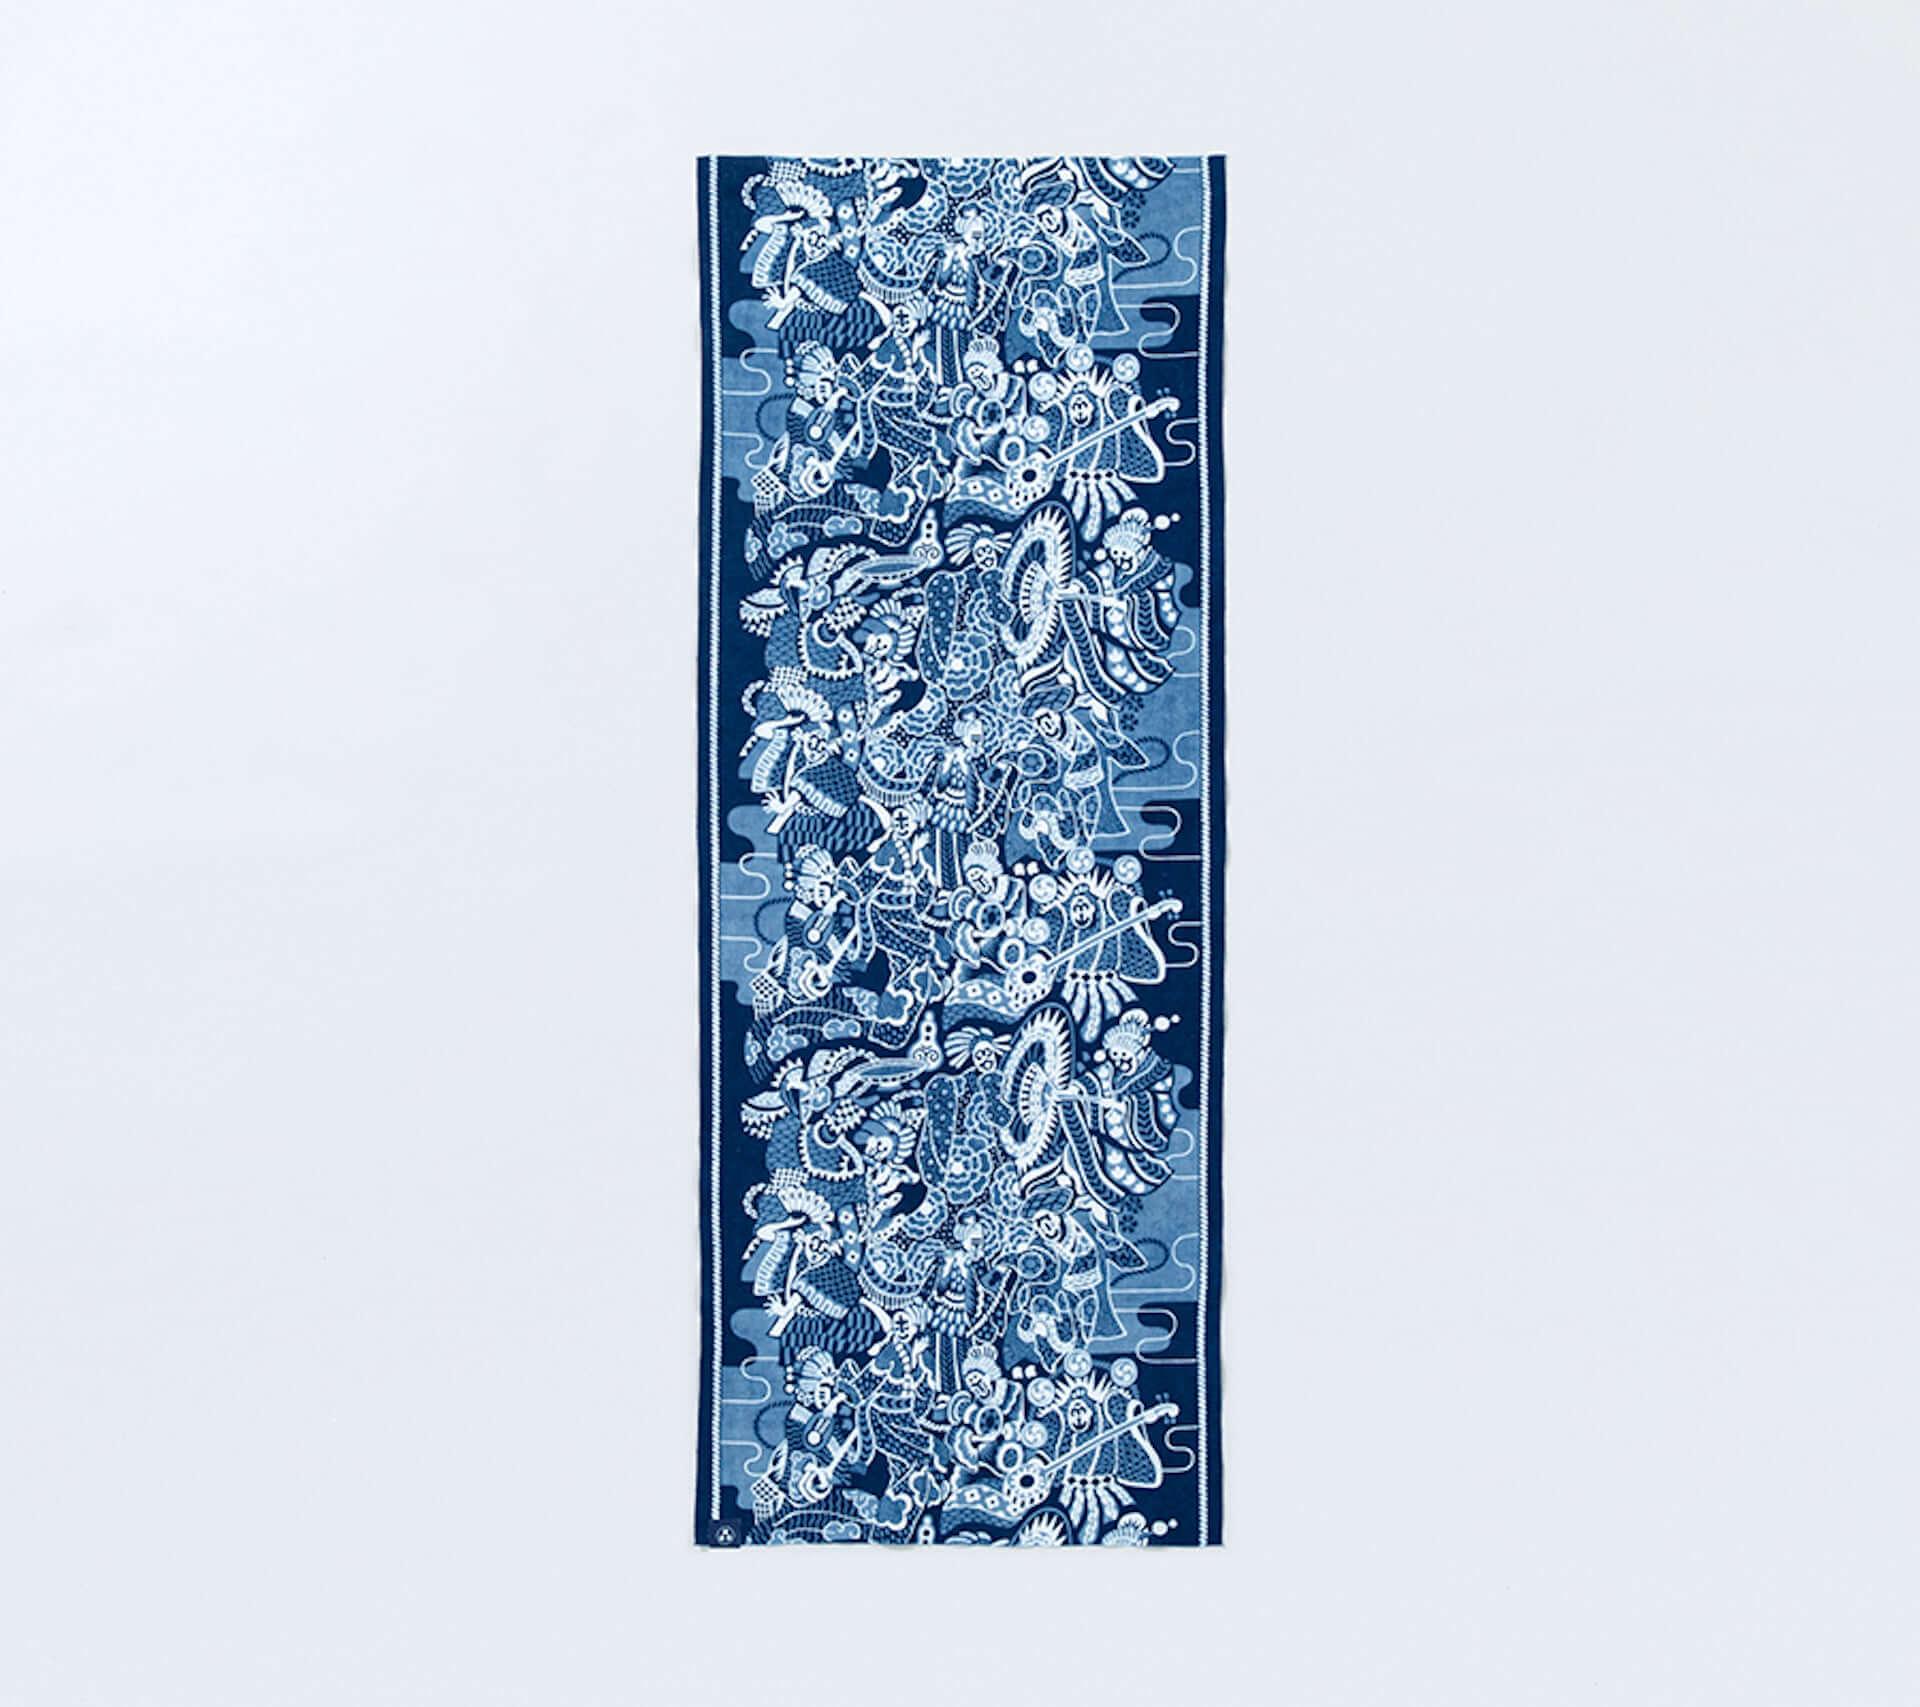 現代装飾家・京森康平と藍師/染師・BUAISOUが手掛けたマスク&手拭いも販売!『日に流れて橋に行く』×誠品生活日本橋のコラボ企画が始動 lf200806_buaisou-koheikyomori_22-1920x1707